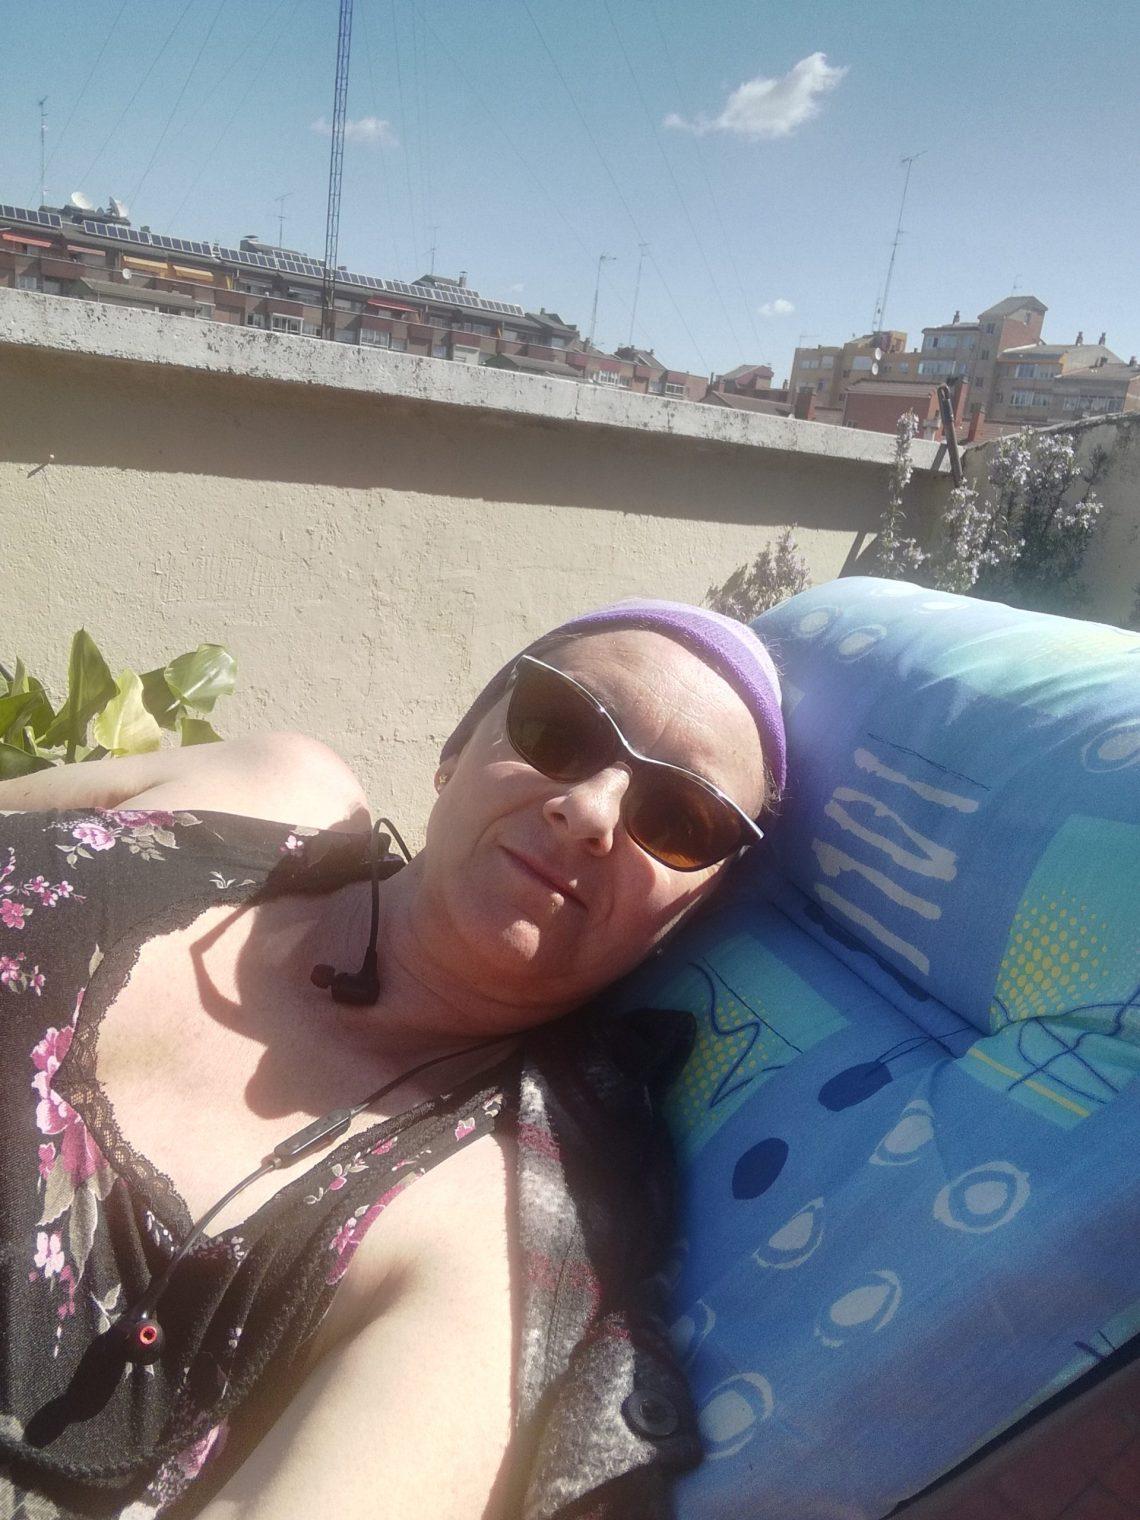 decidí tumbarme en la hamaca en la terraza con los cascos puestos y descansar mi cuerpo dolorido.